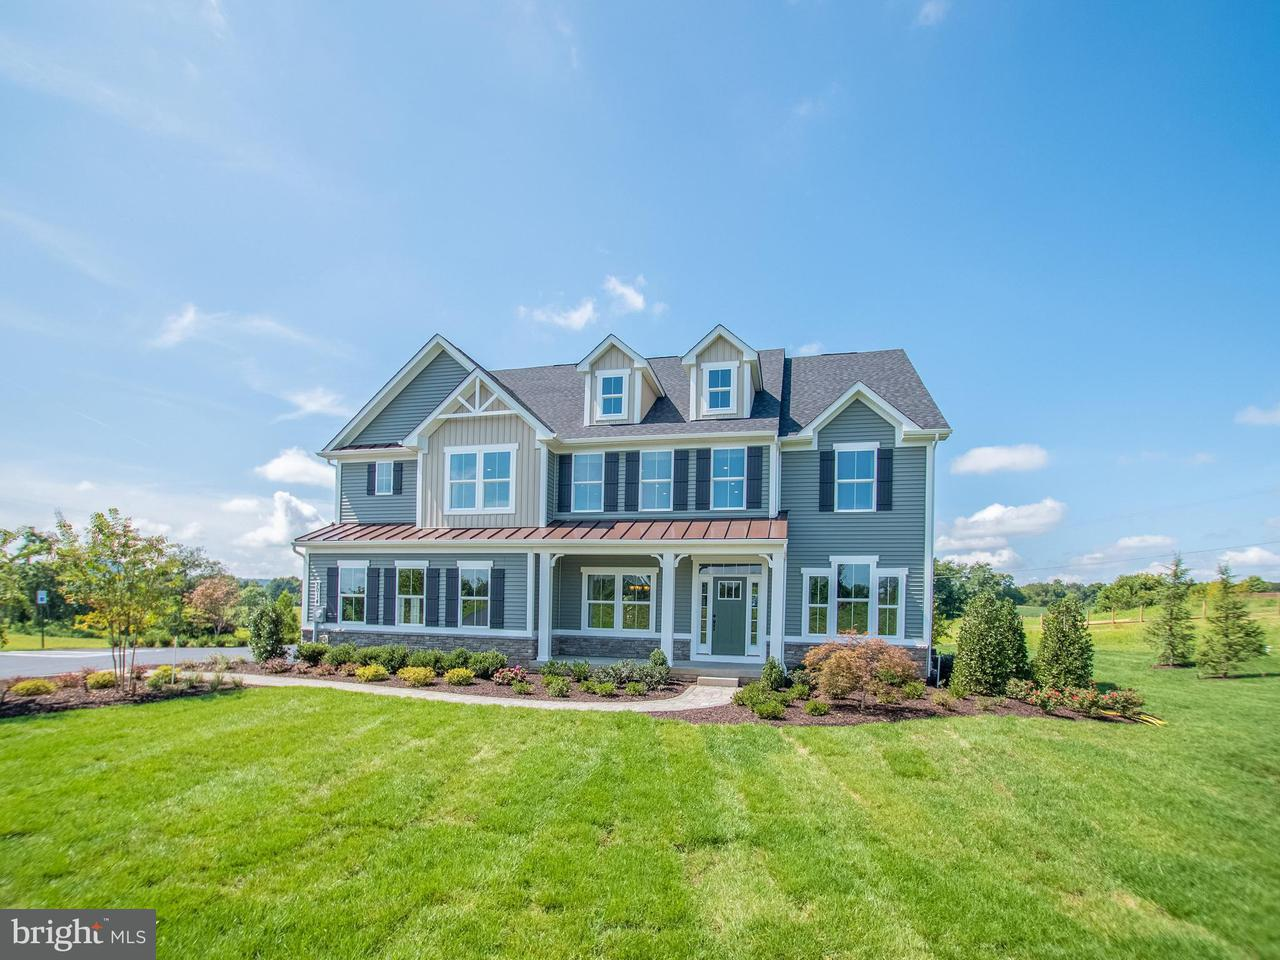 Einfamilienhaus für Verkauf beim 3014 WASATCH VIEW Drive 3014 WASATCH VIEW Drive Frederick, Maryland 21704 Vereinigte Staaten